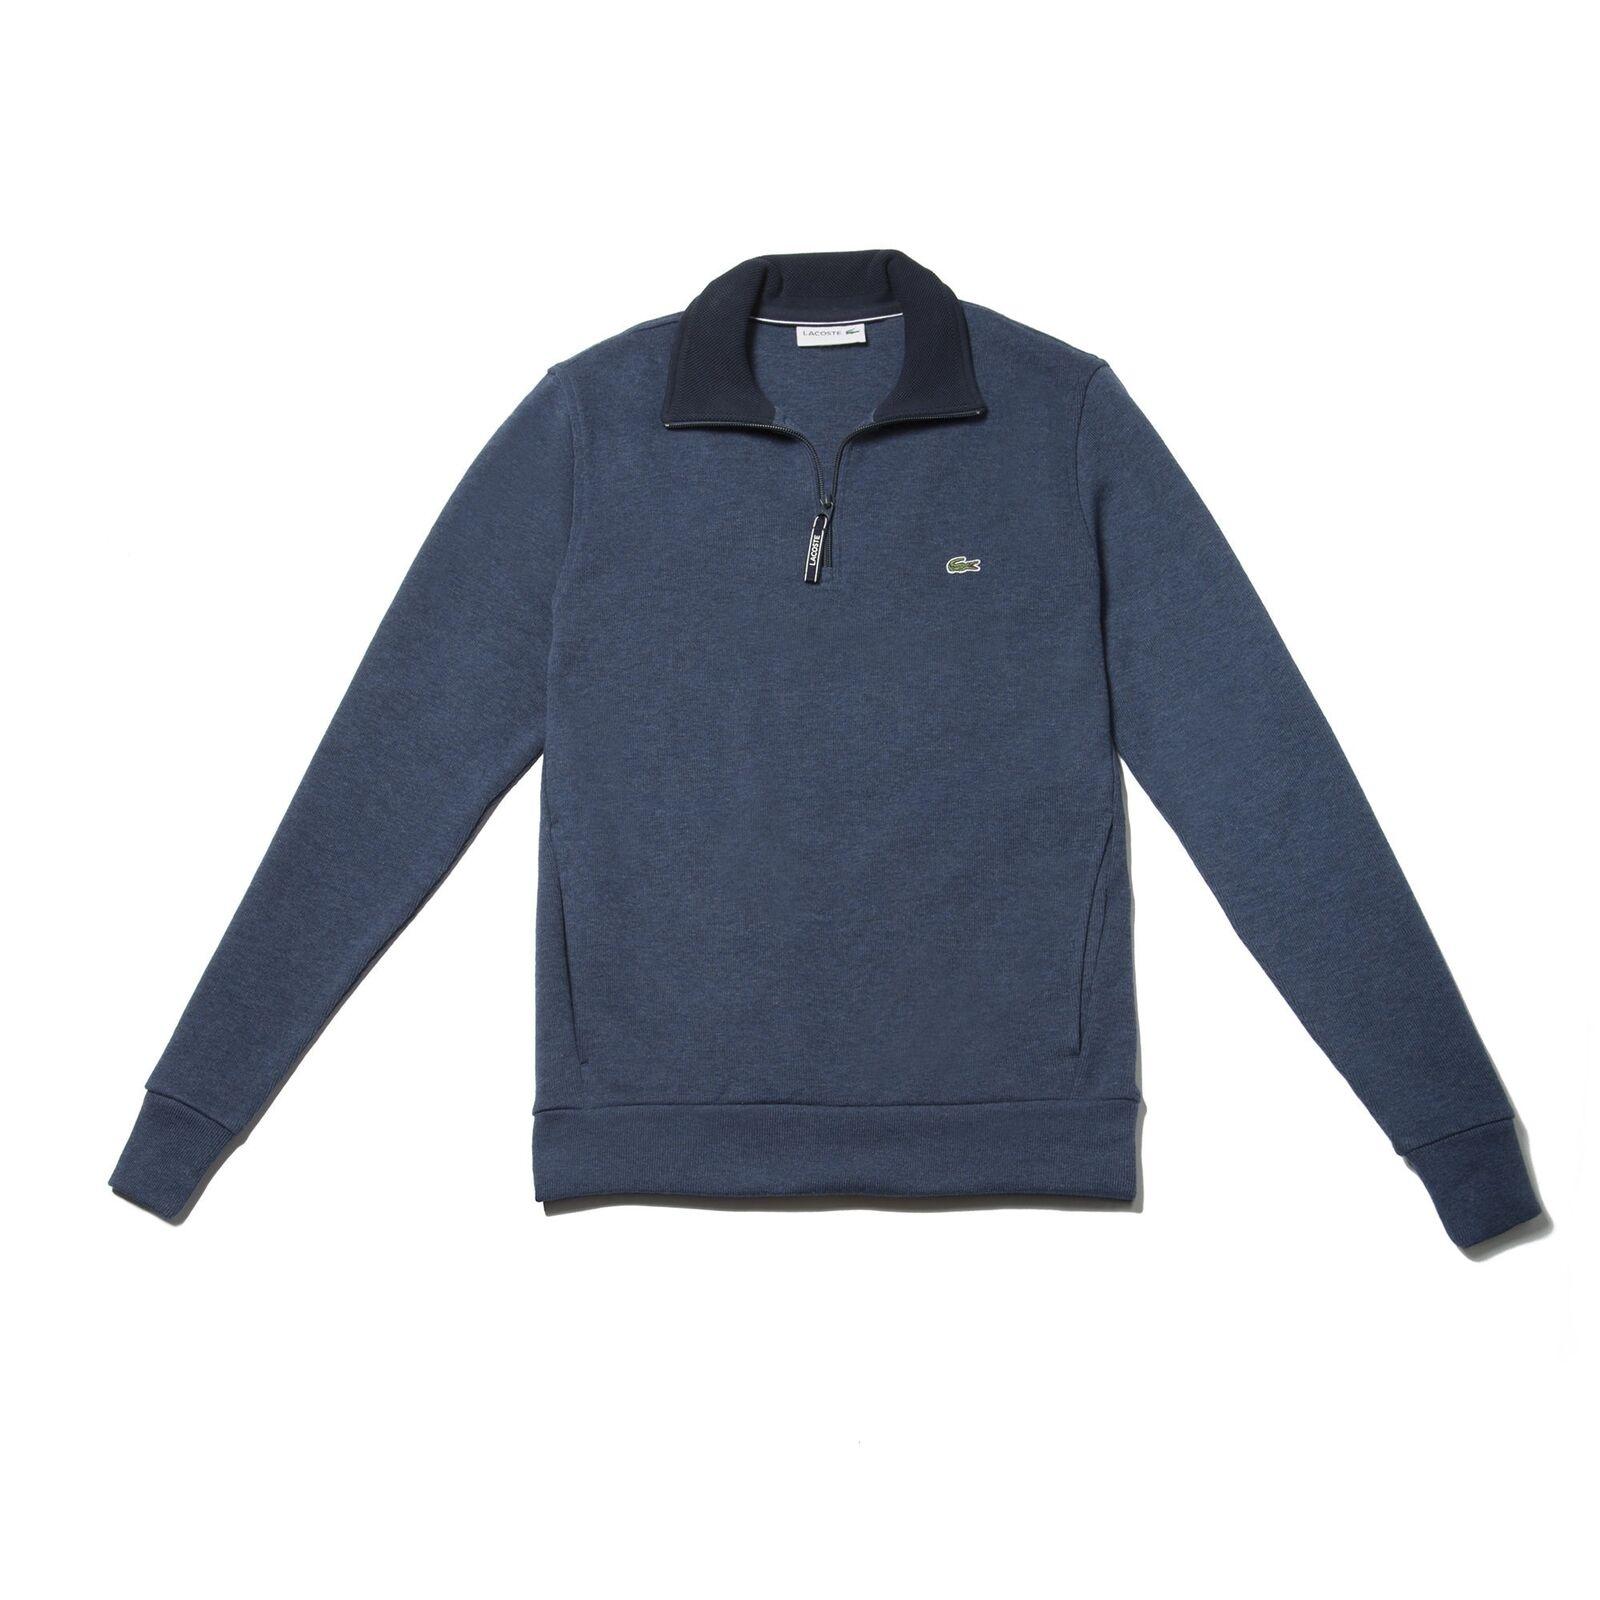 Lacoste Ribbed Quarter Zip Cotton Sweatshirt Anchor Blau  Herren Größe XL New